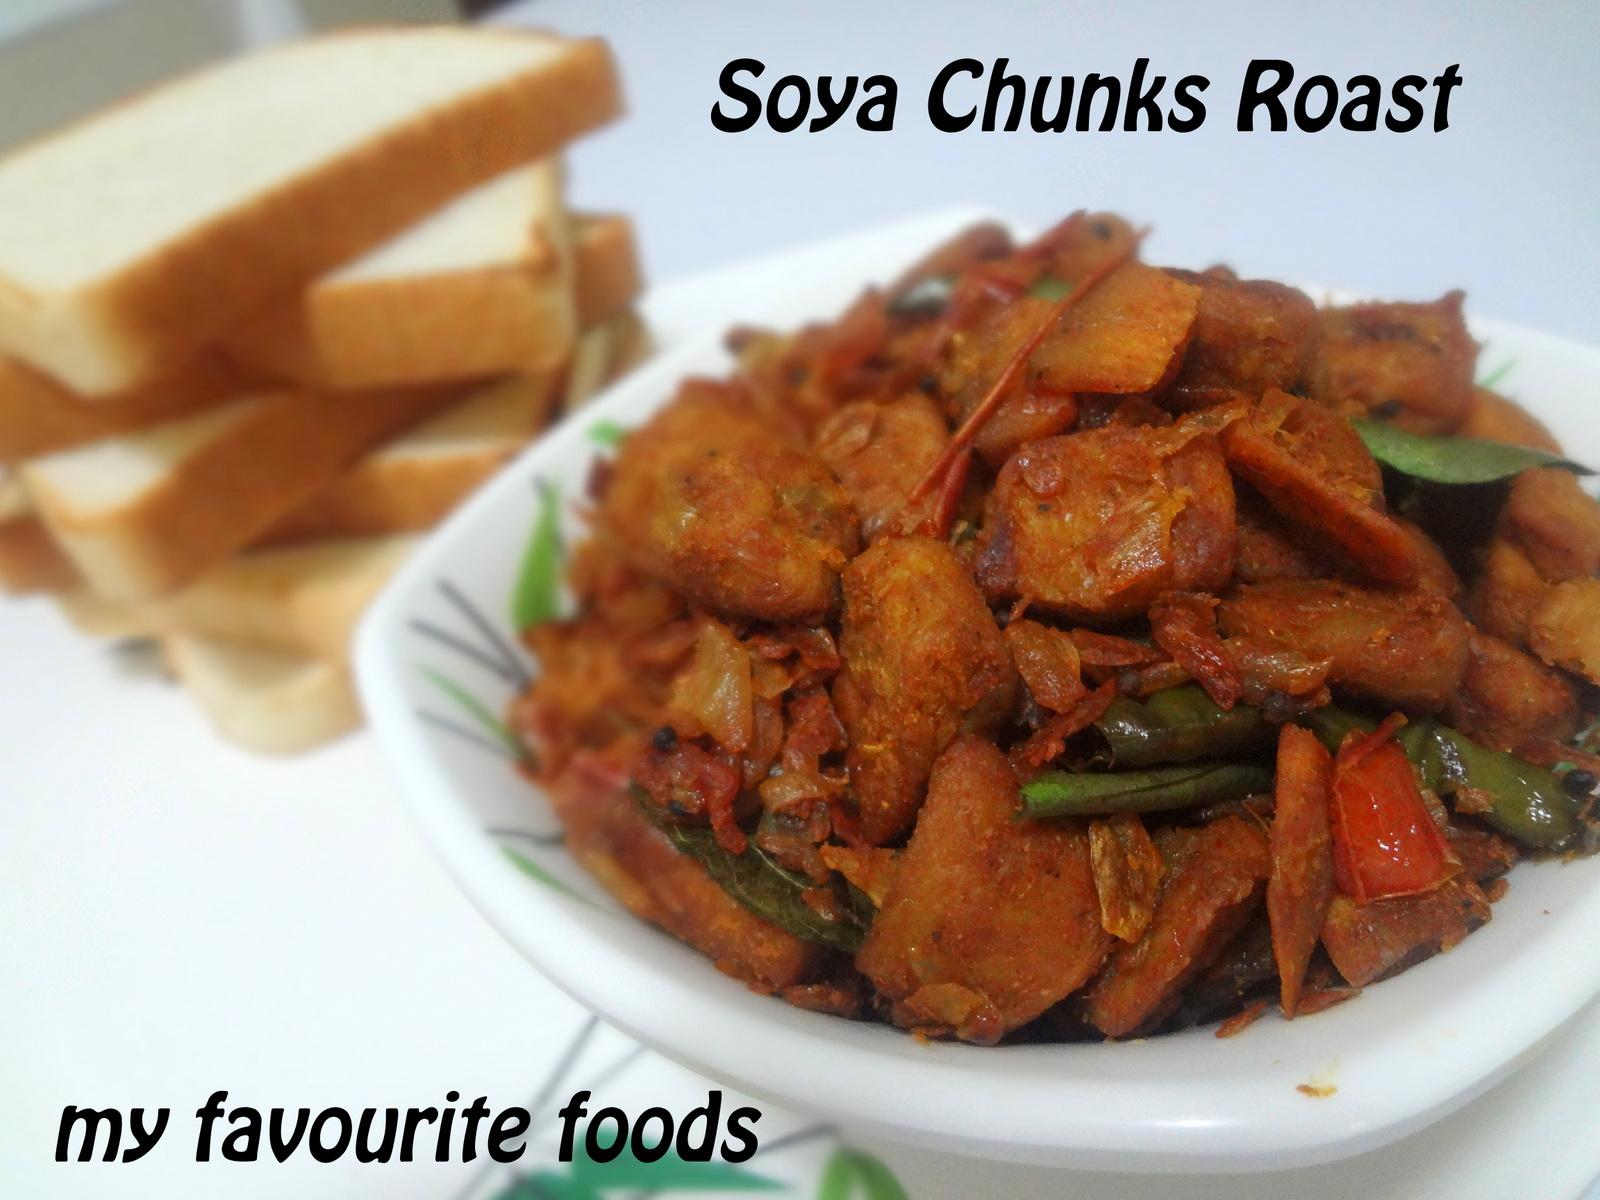 Soya chunks roast